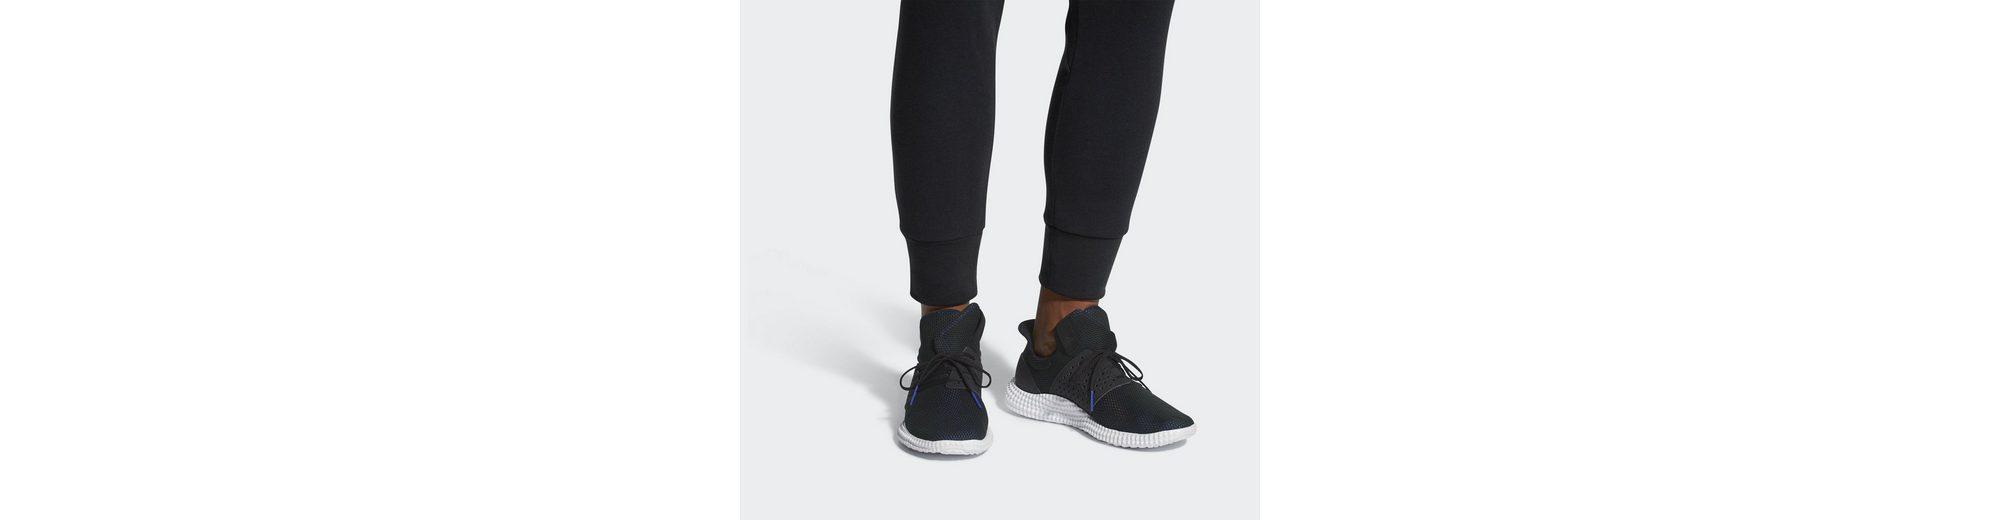 adidas Performance adidas Athletics 24/7 TR Schuh Trainingsschuh Spielraum Online-Shop Professionelle Online Spielraum Geringe Versandgebühr Zum Verkauf Günstig Online 70sFIeC3p